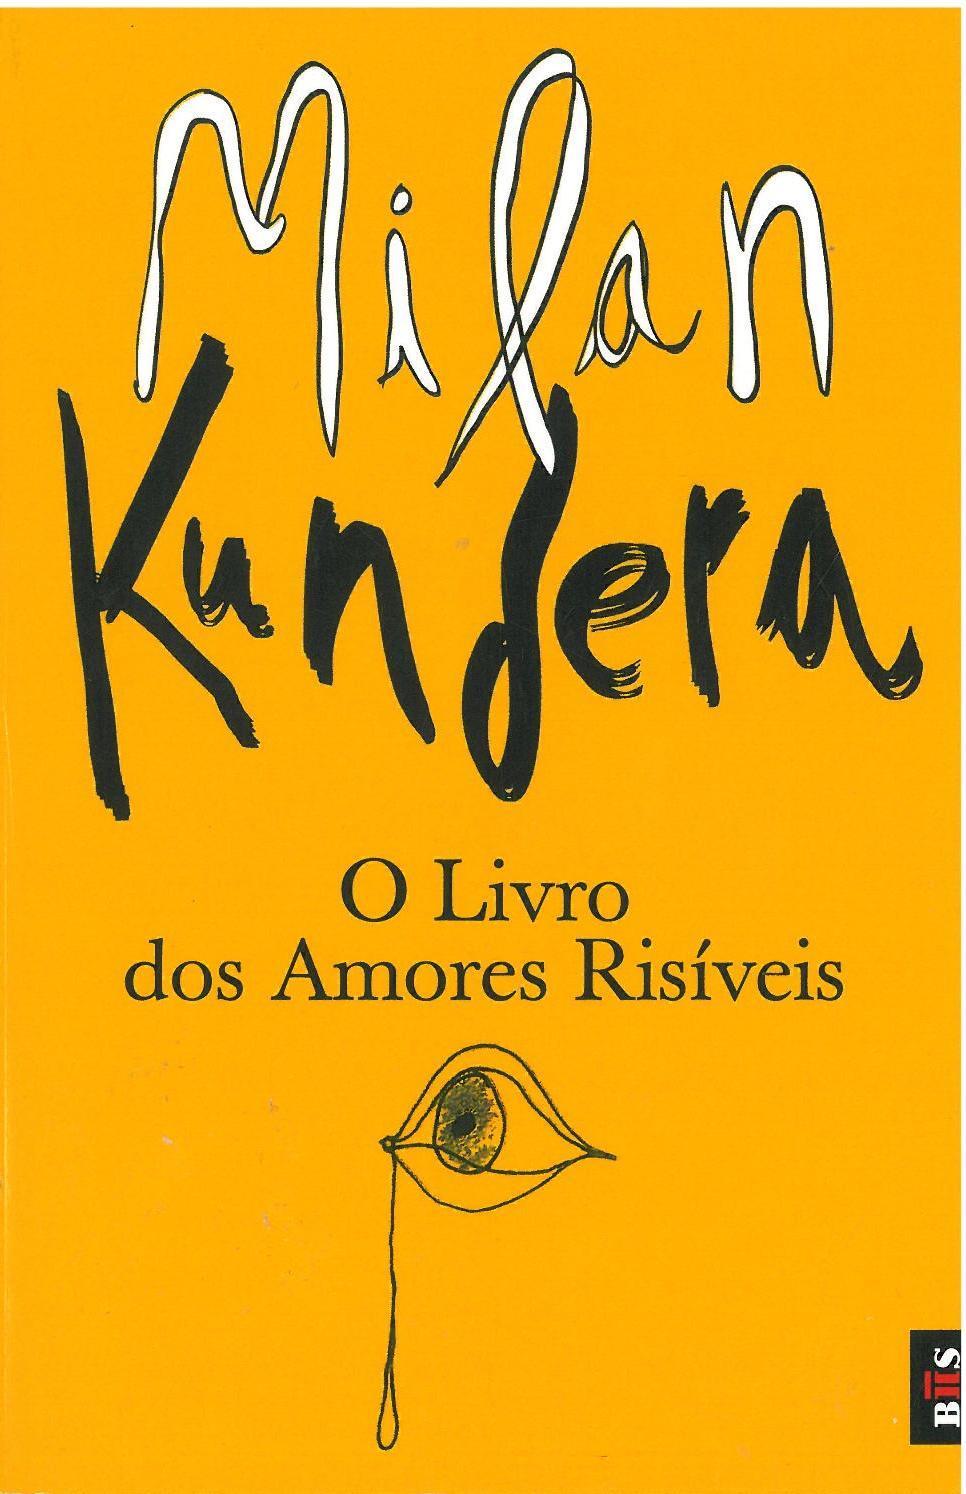 O livro dos amores risíveis_.jpg